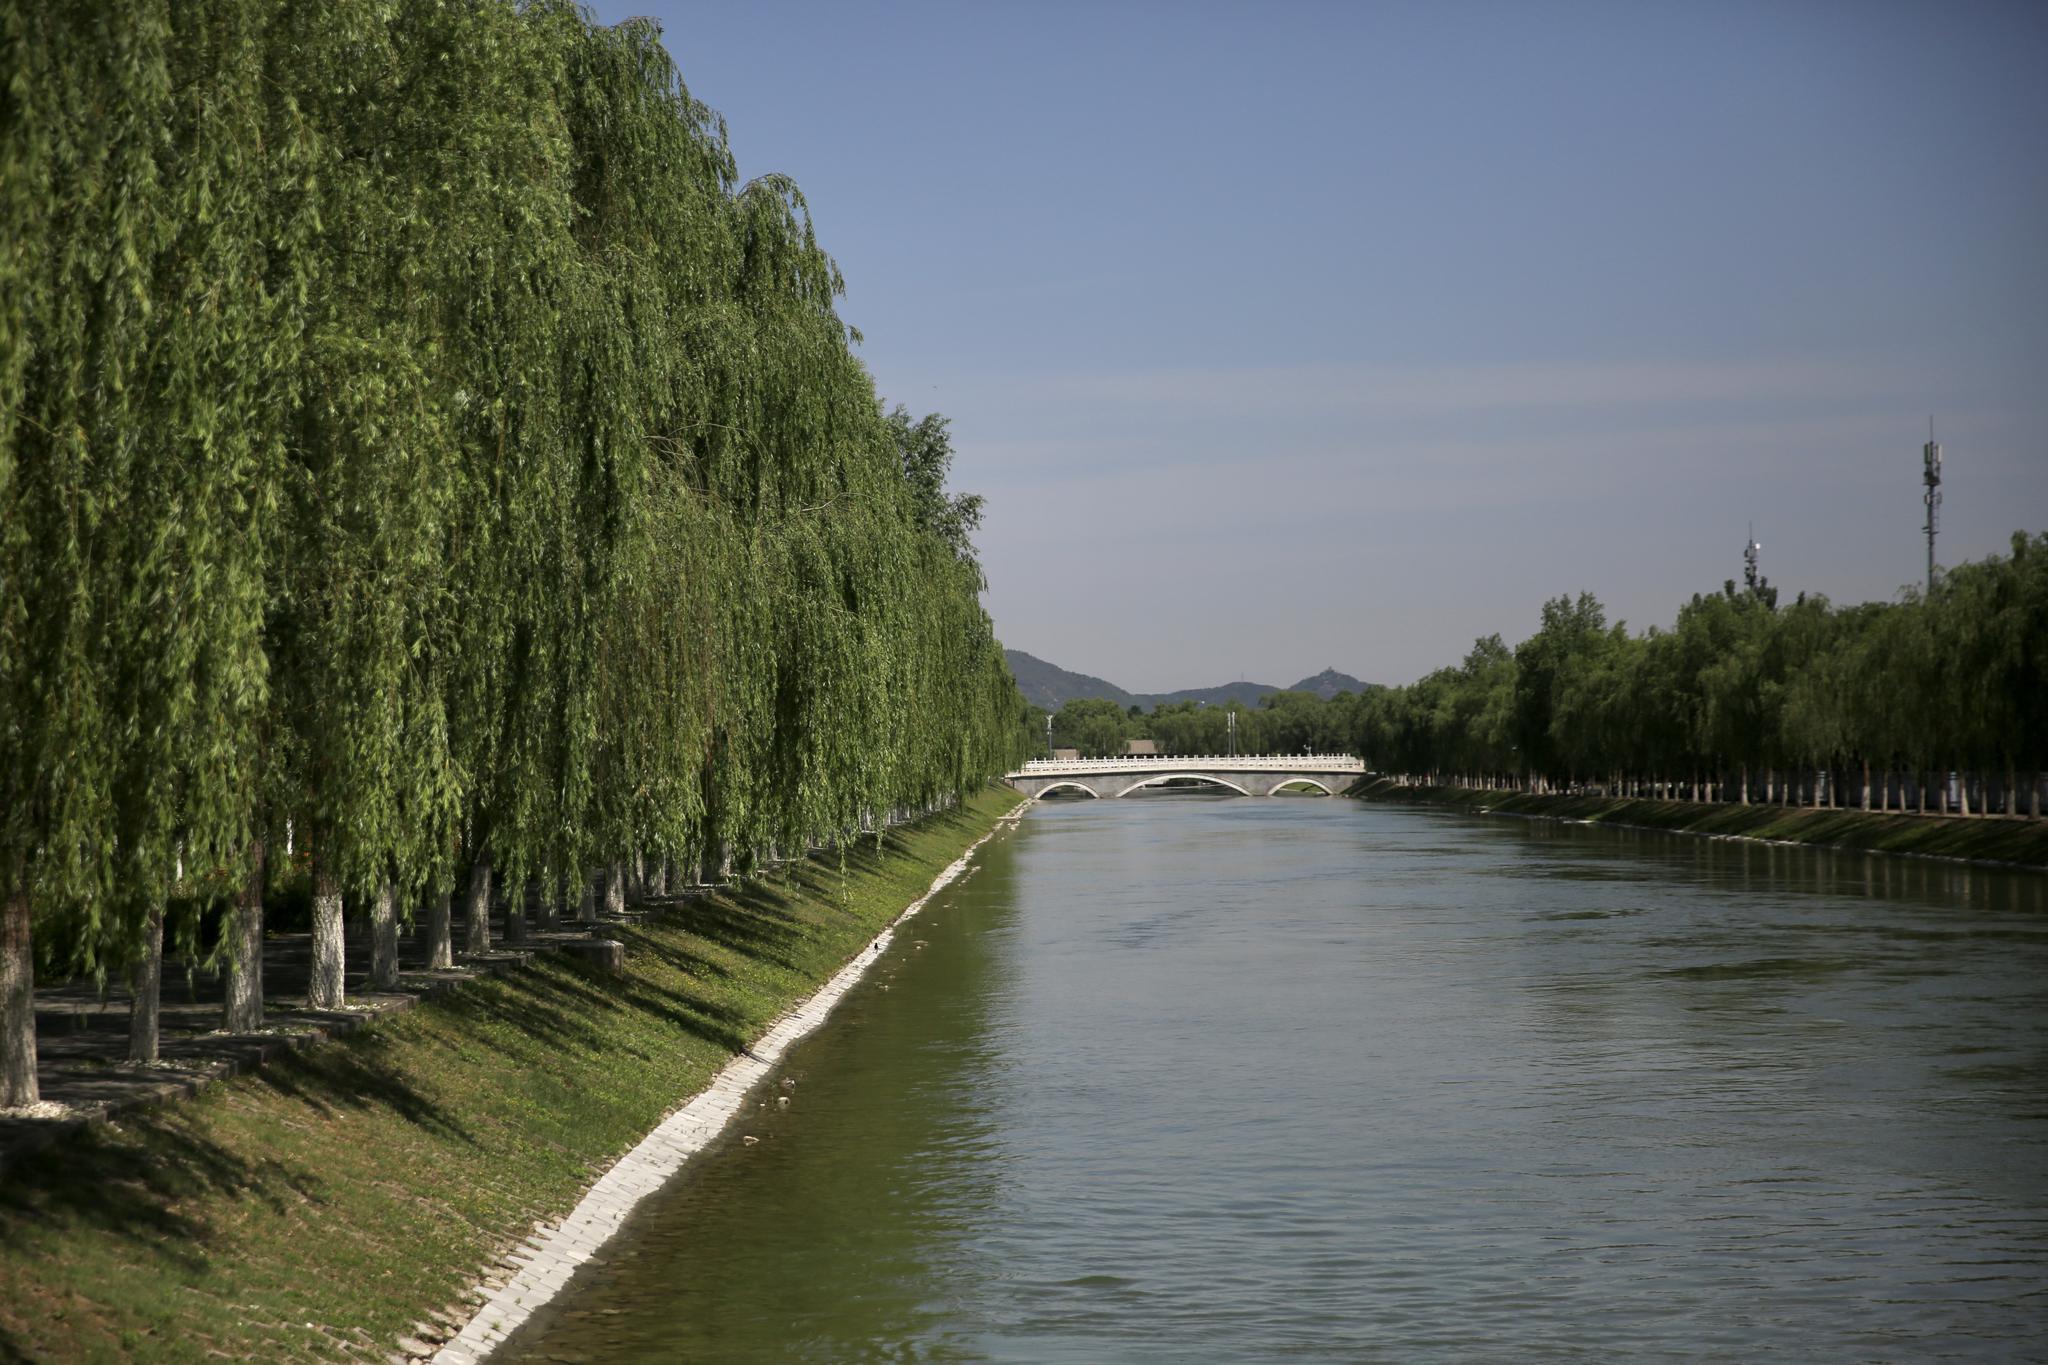 国家发改委:湖北、北京以外地区划分低中高三类风险等级